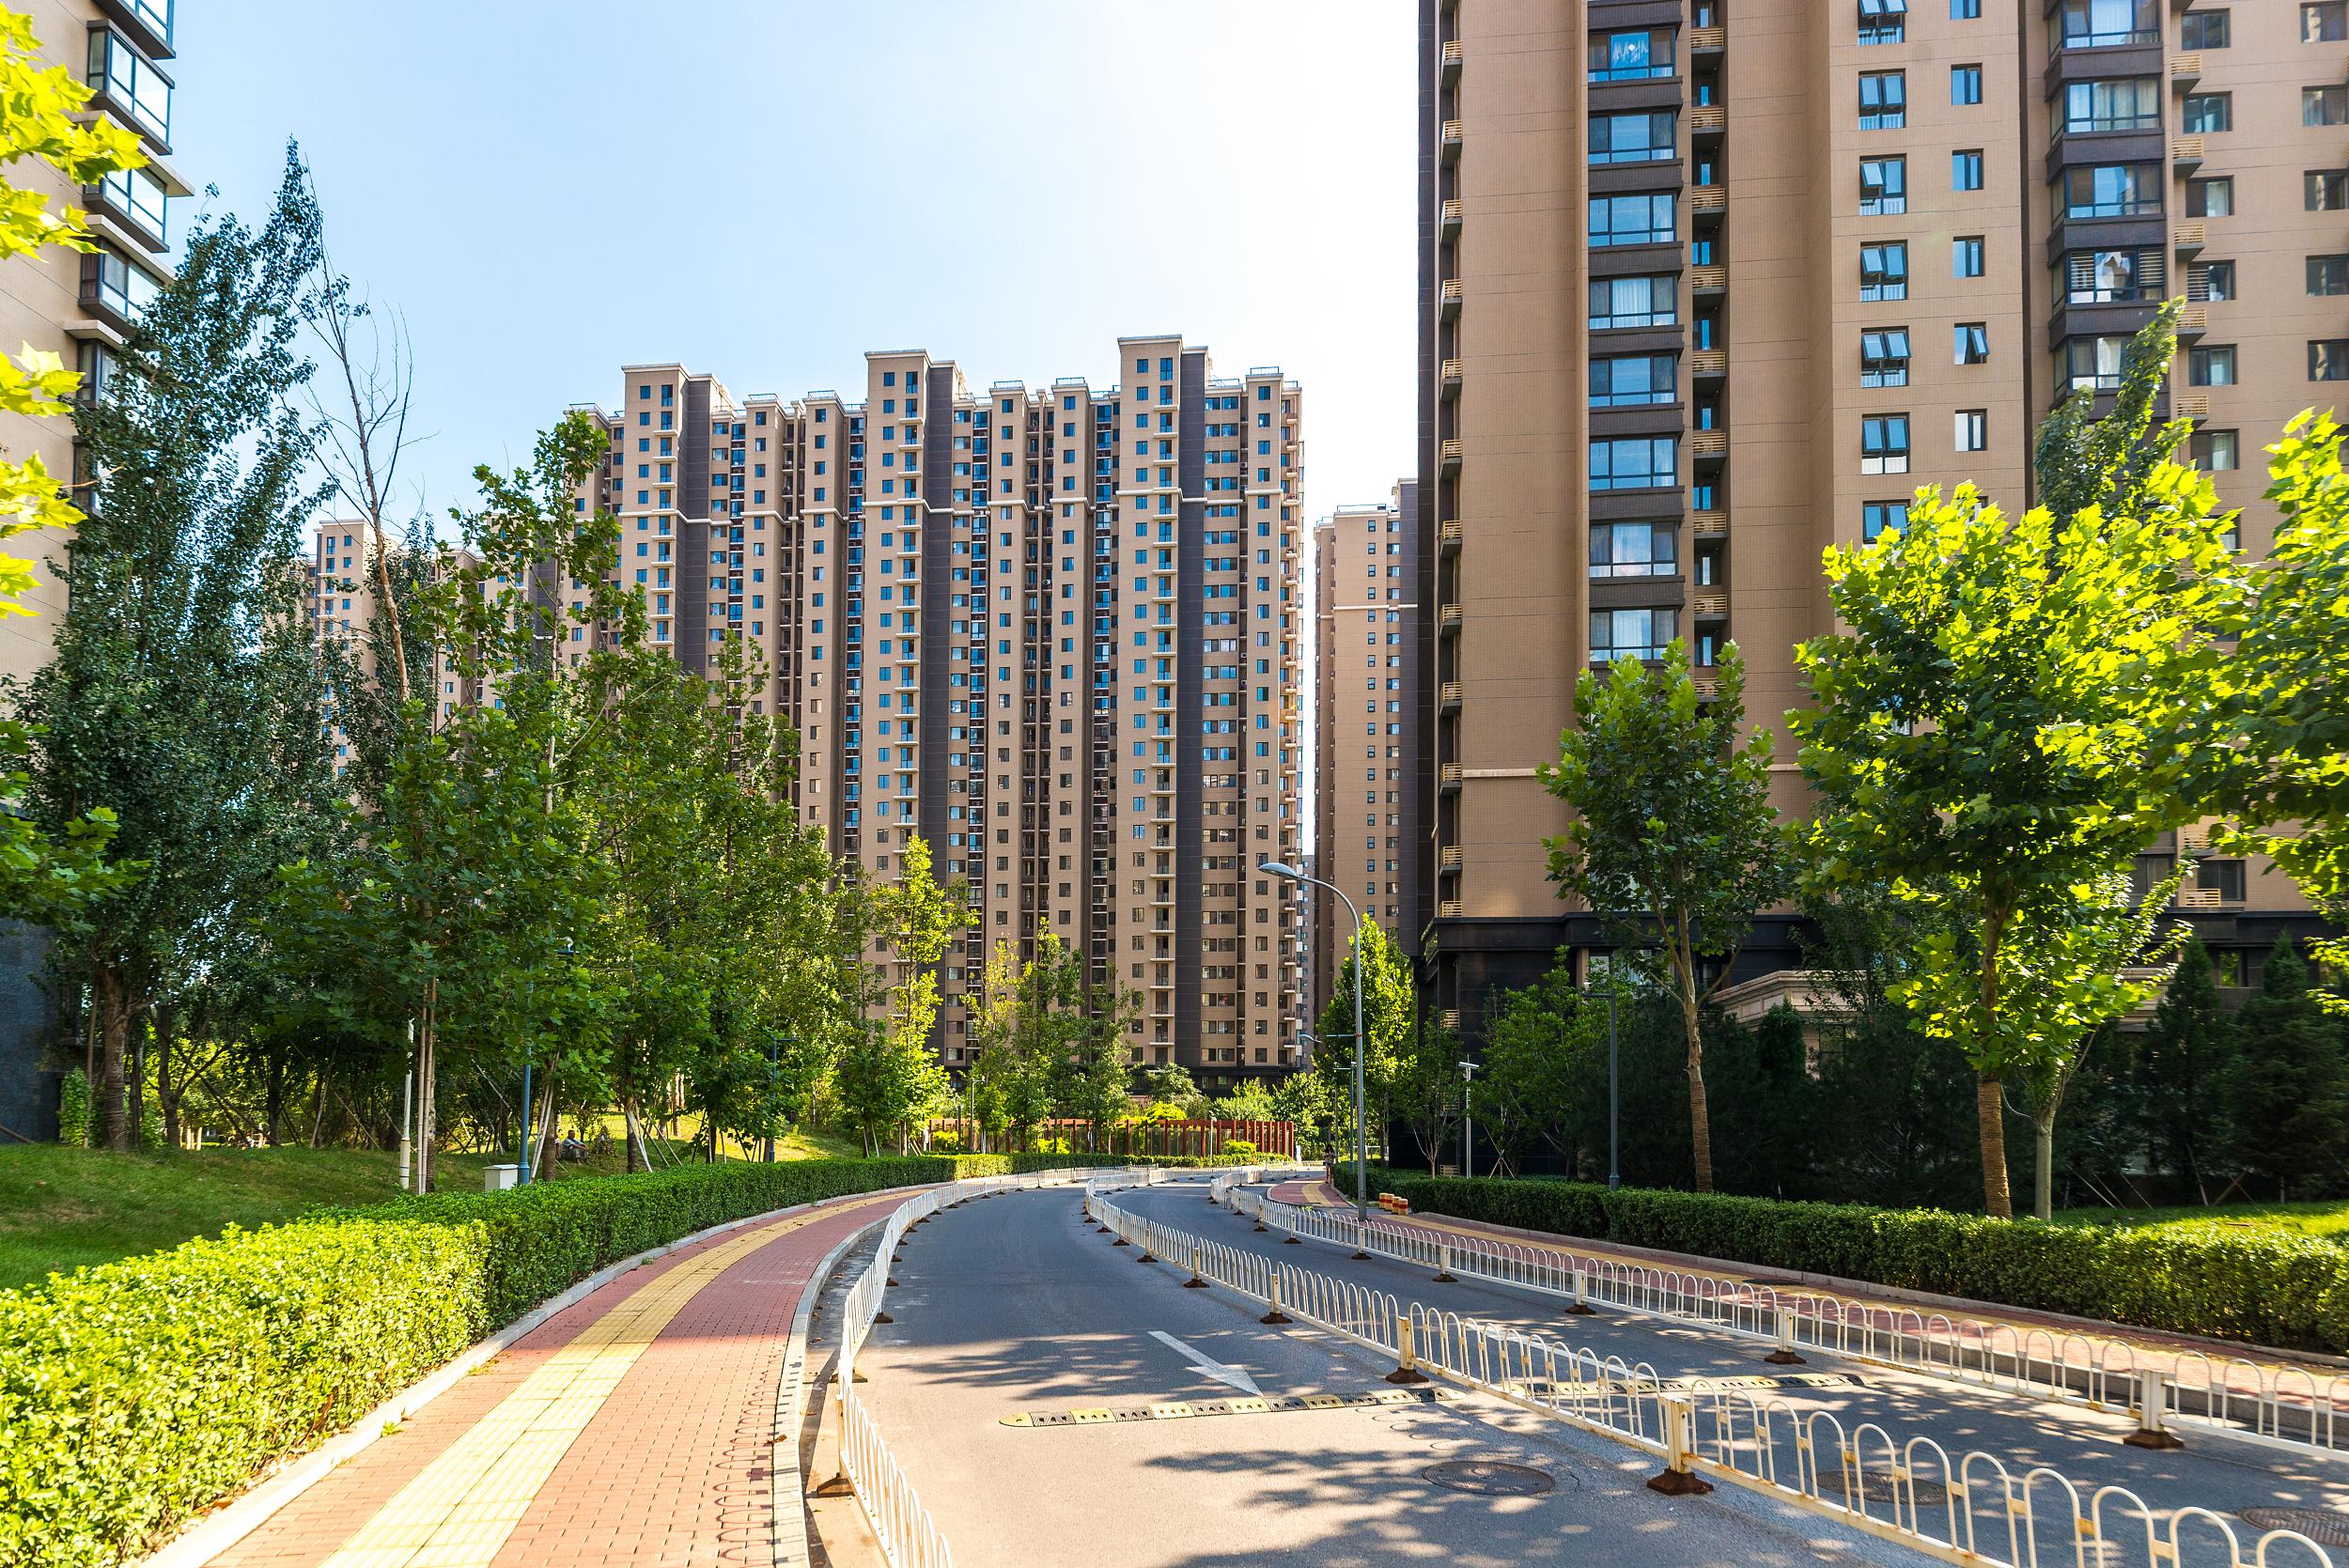 """成都、苏州相继出台""""住宅品质""""新政 南京会跟进吗?"""